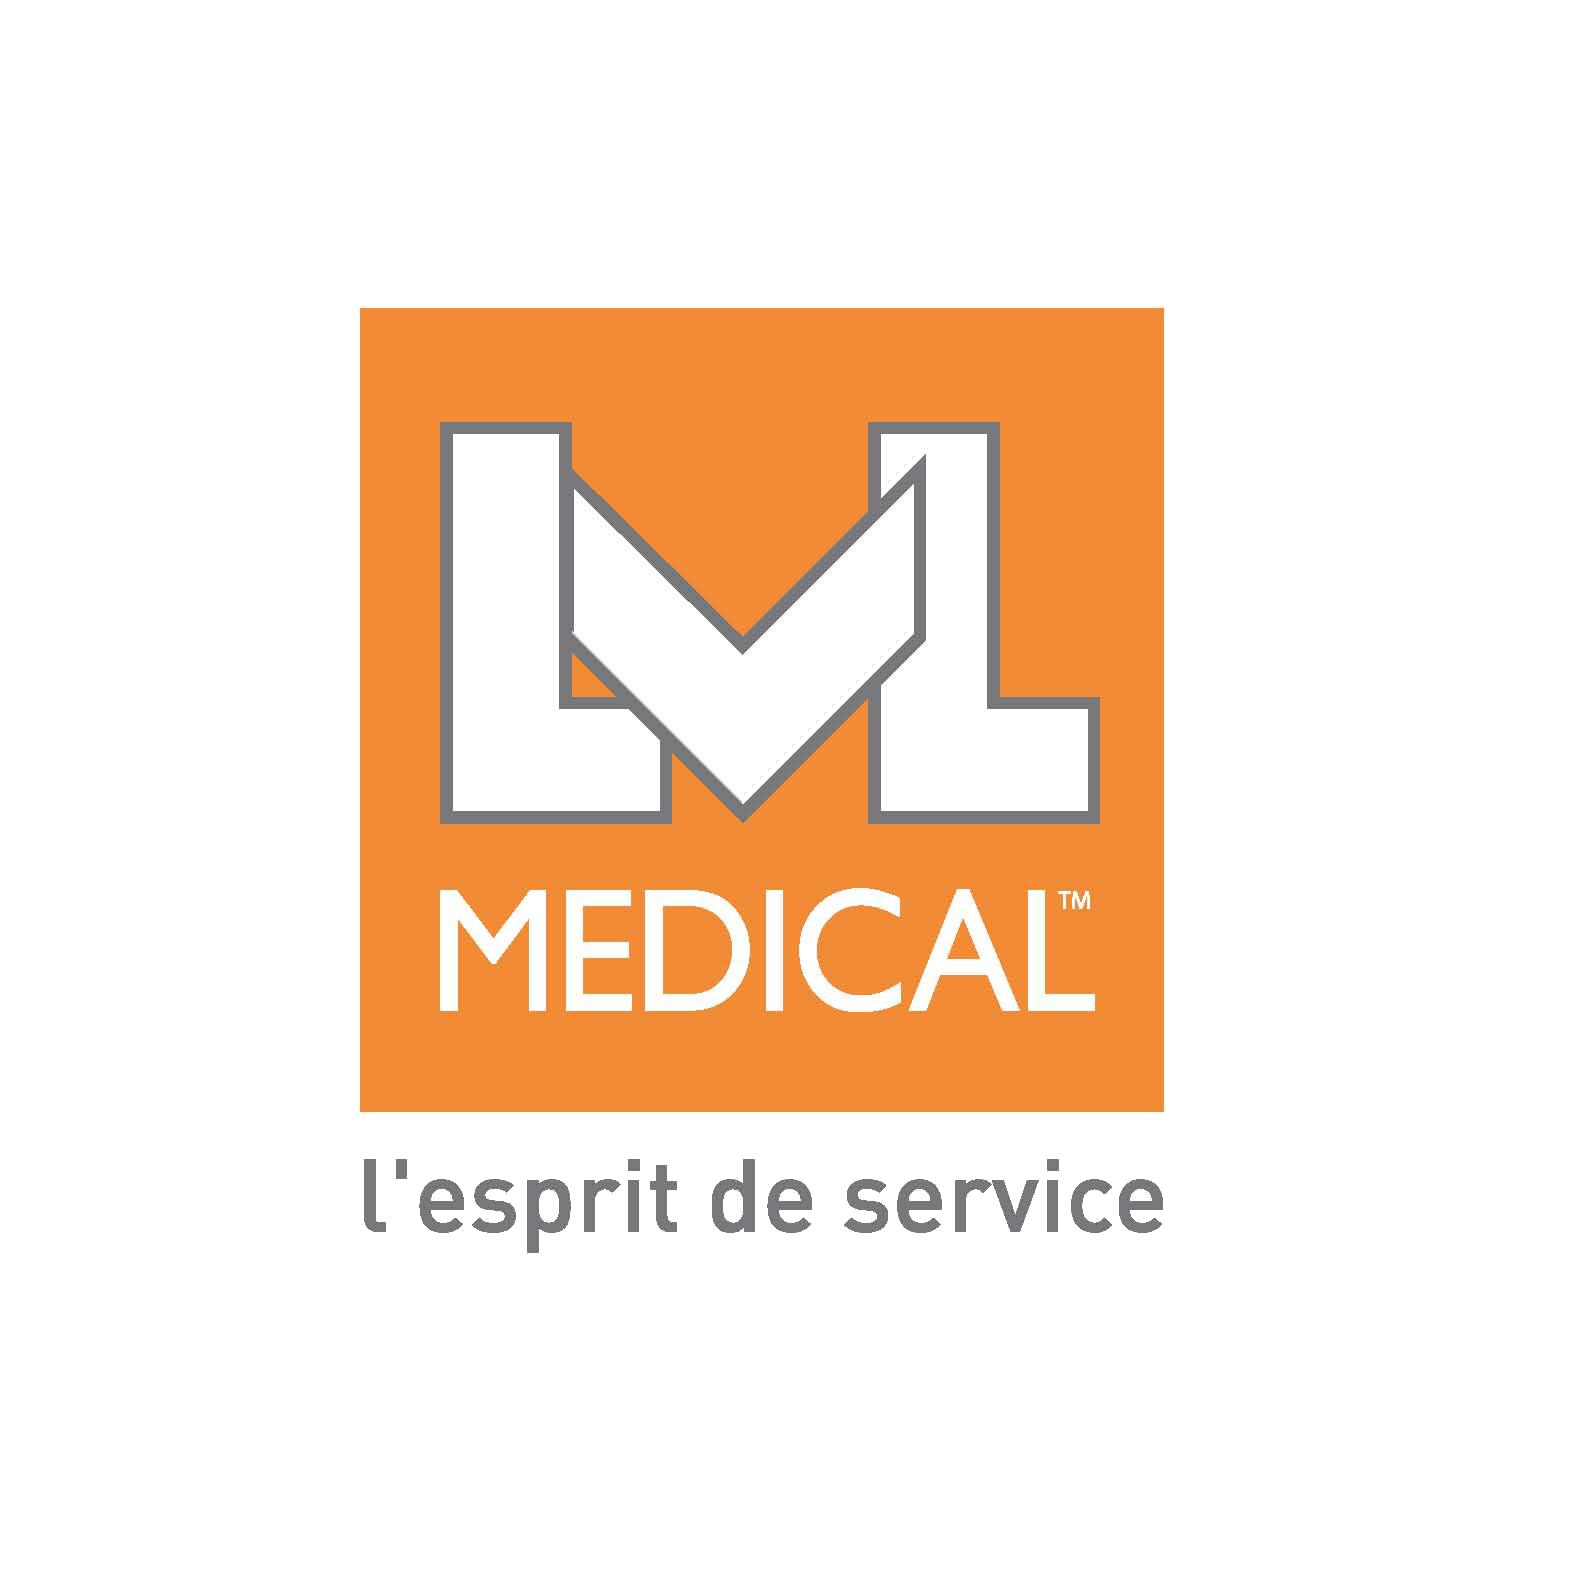 LVL Médical